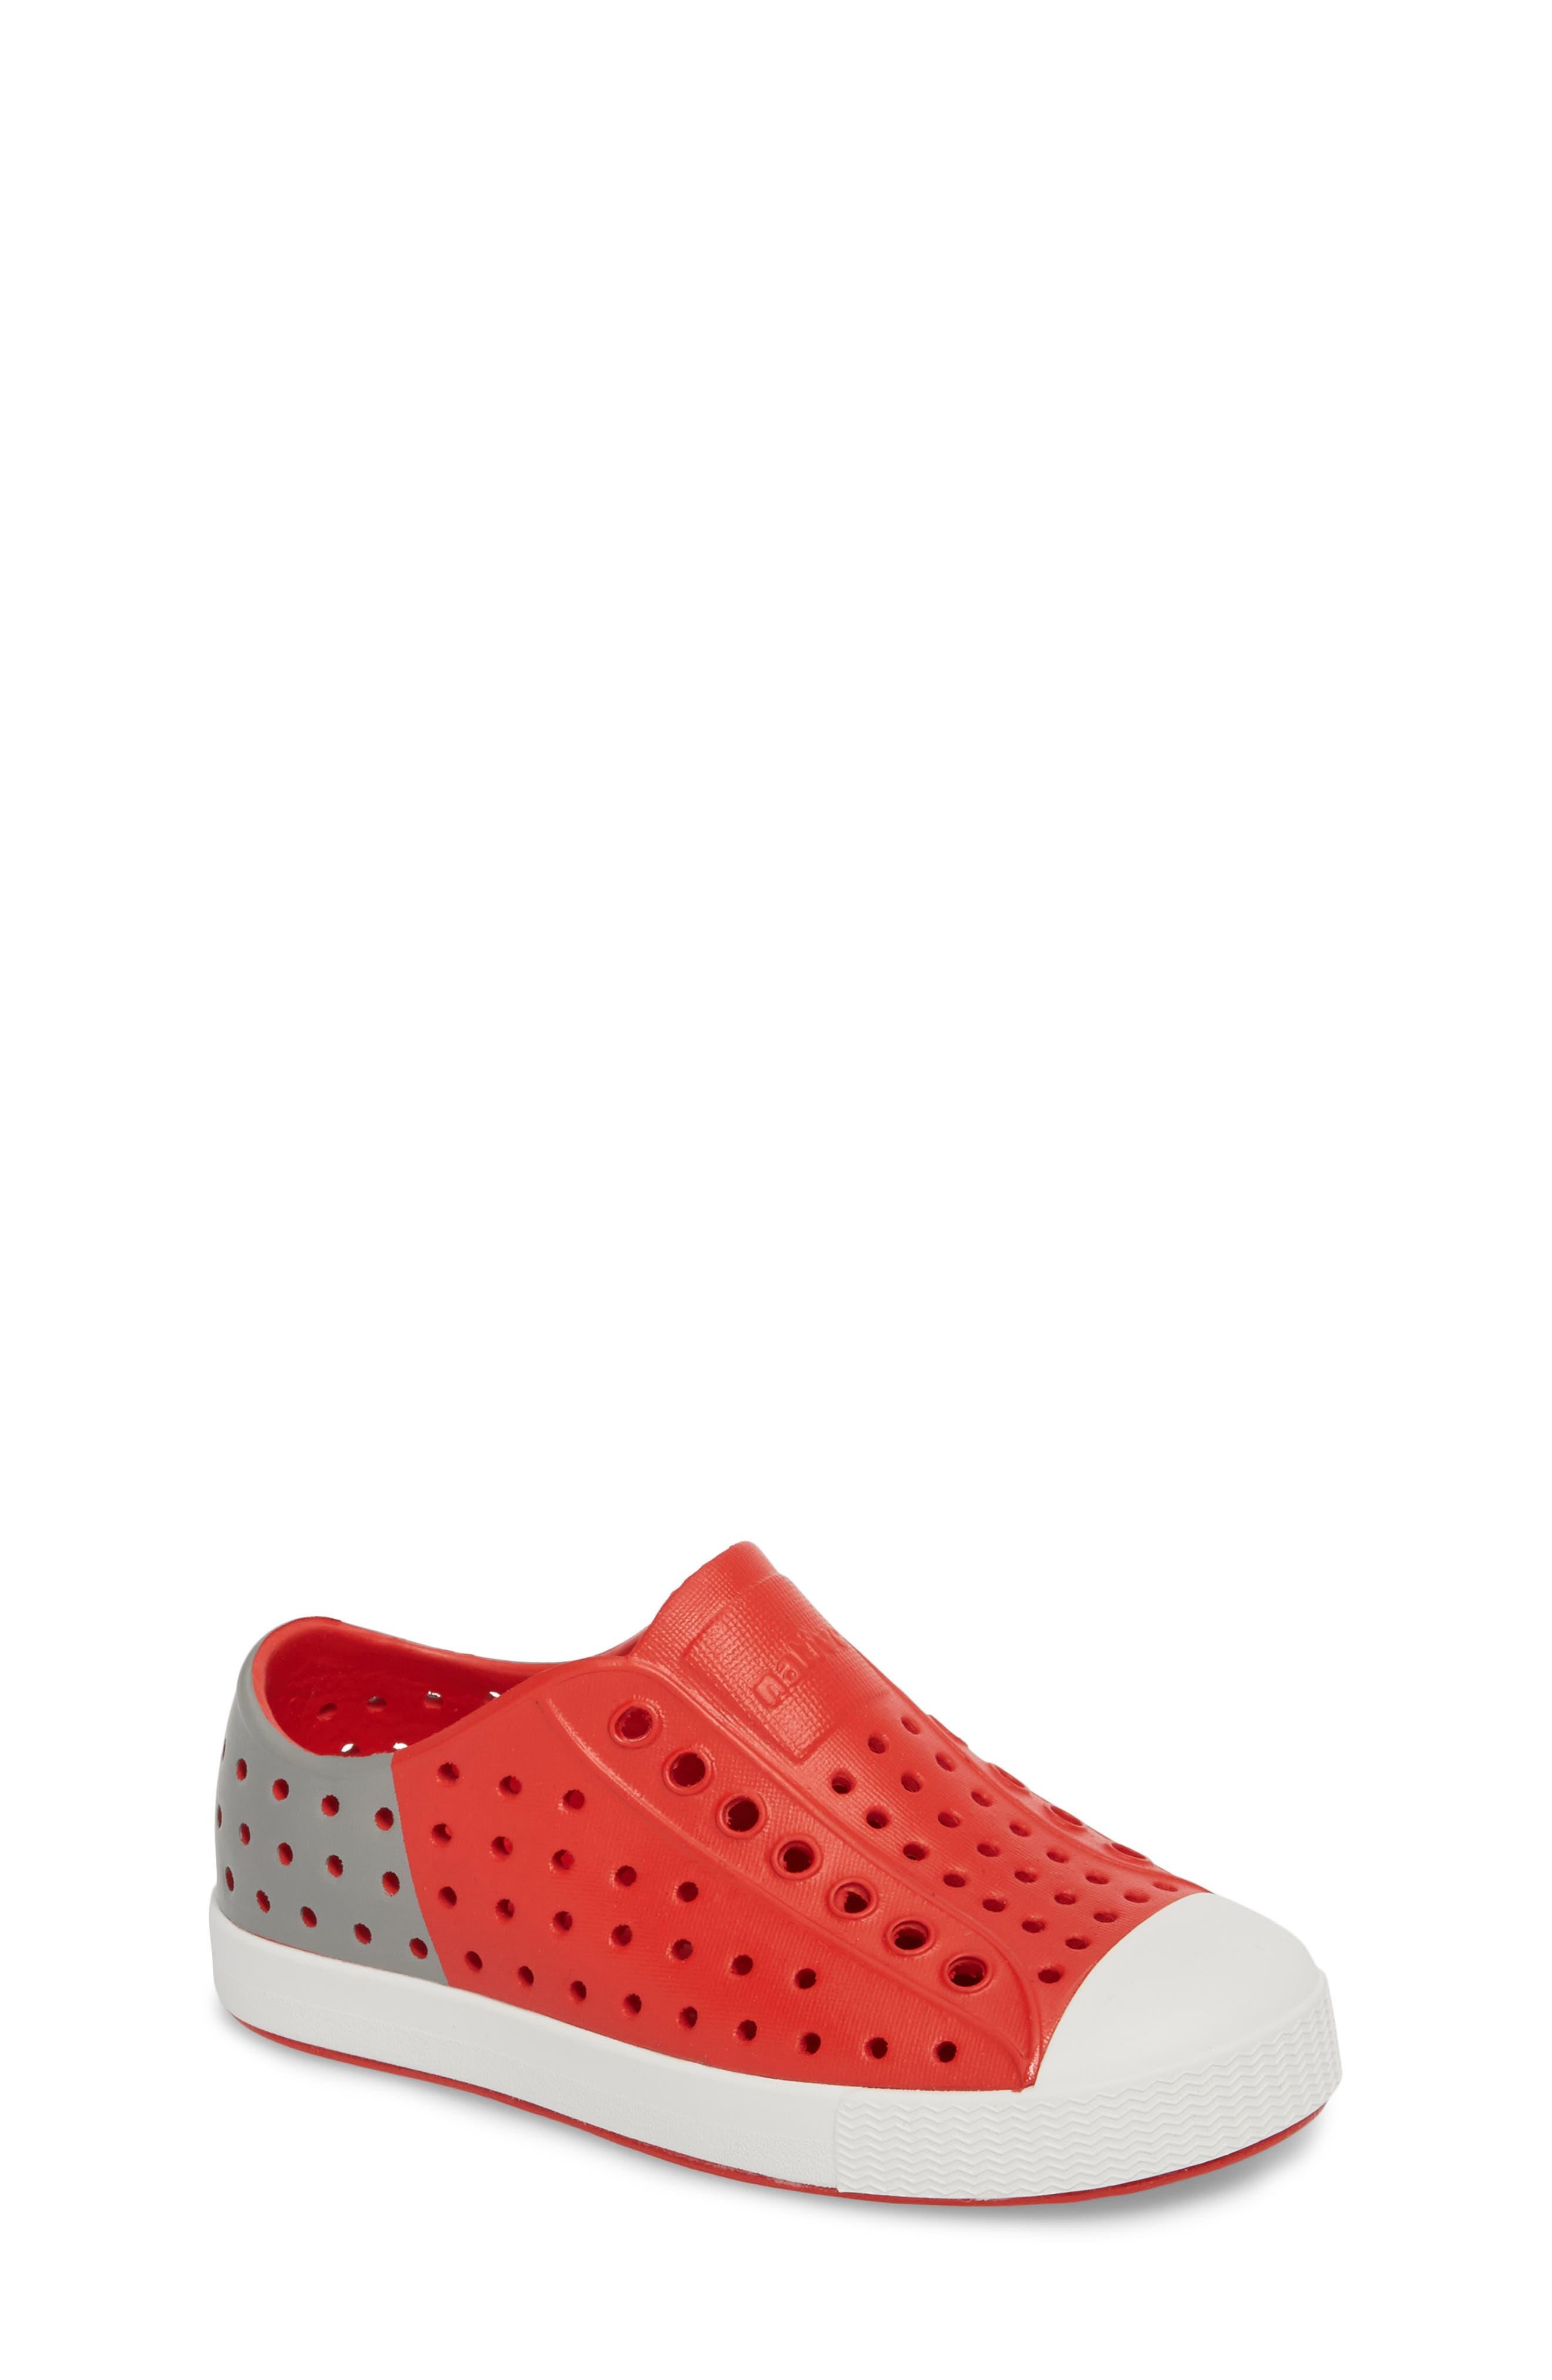 'Jefferson' Water Friendly Slip-On Sneaker,                         Main,                         color, 025